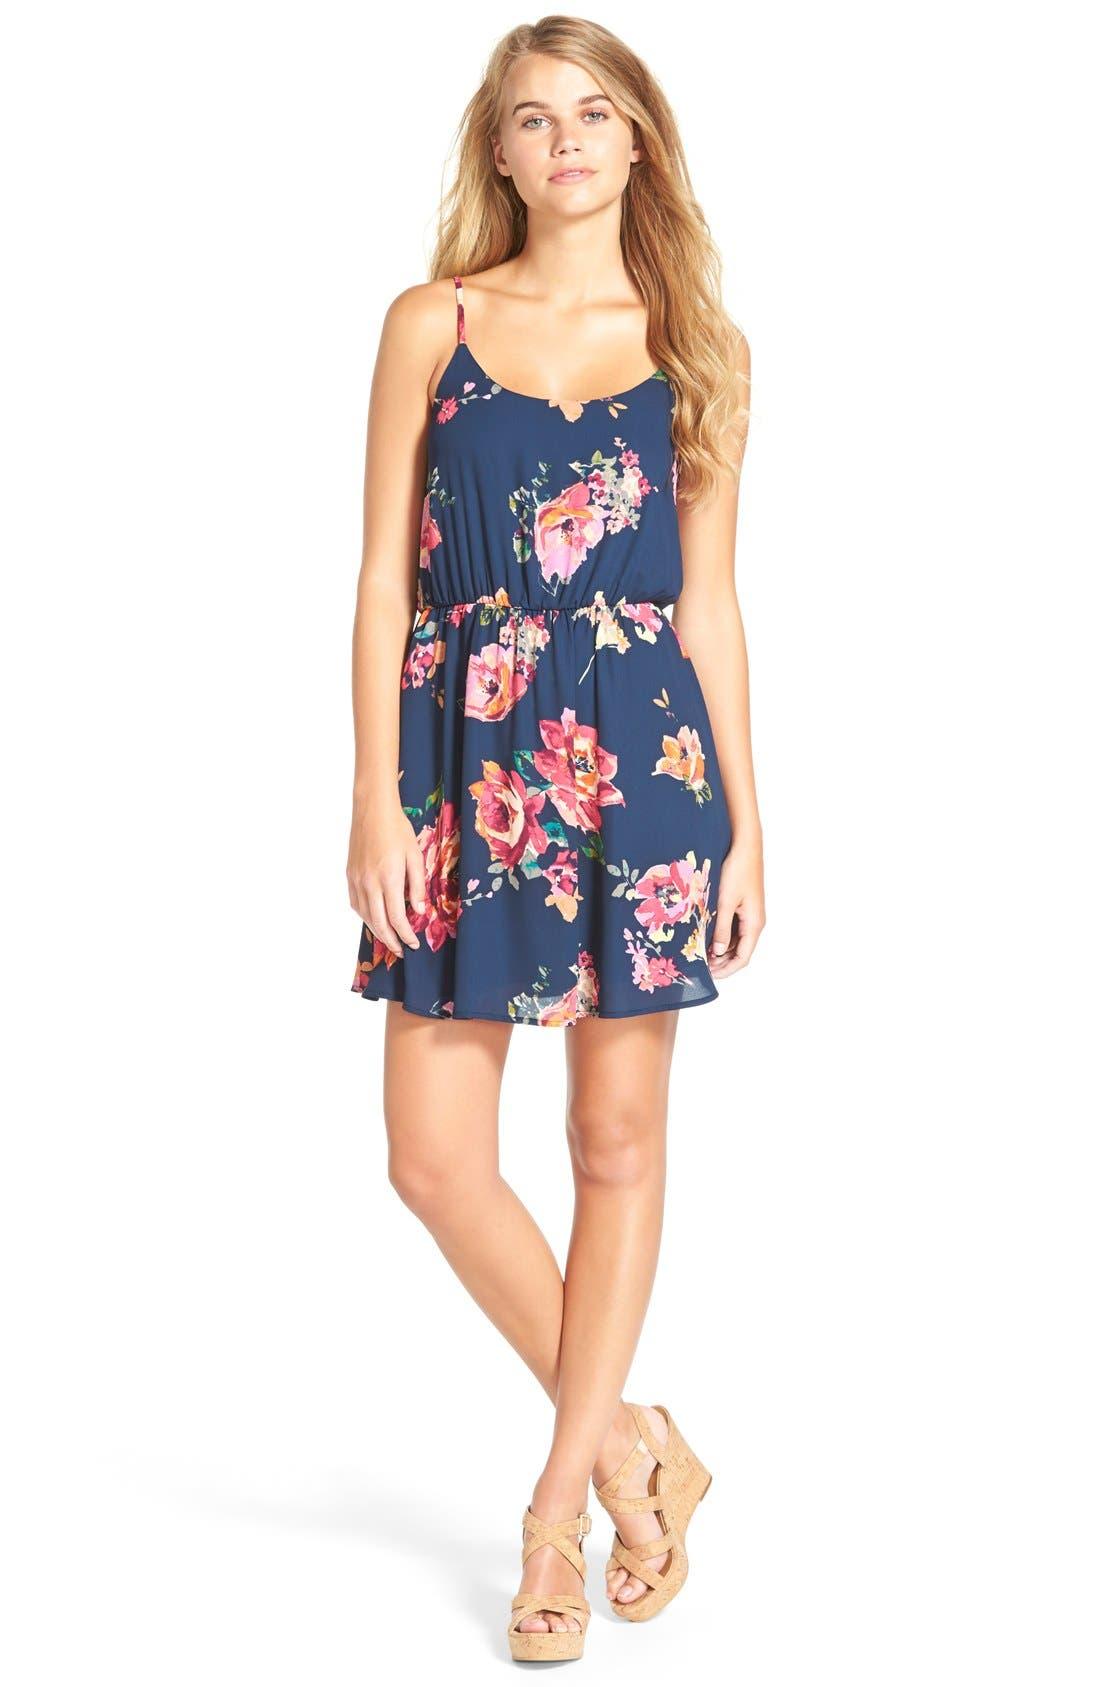 Alternate Image 1 Selected - Everly Floral Print Strap Back Skater Dress